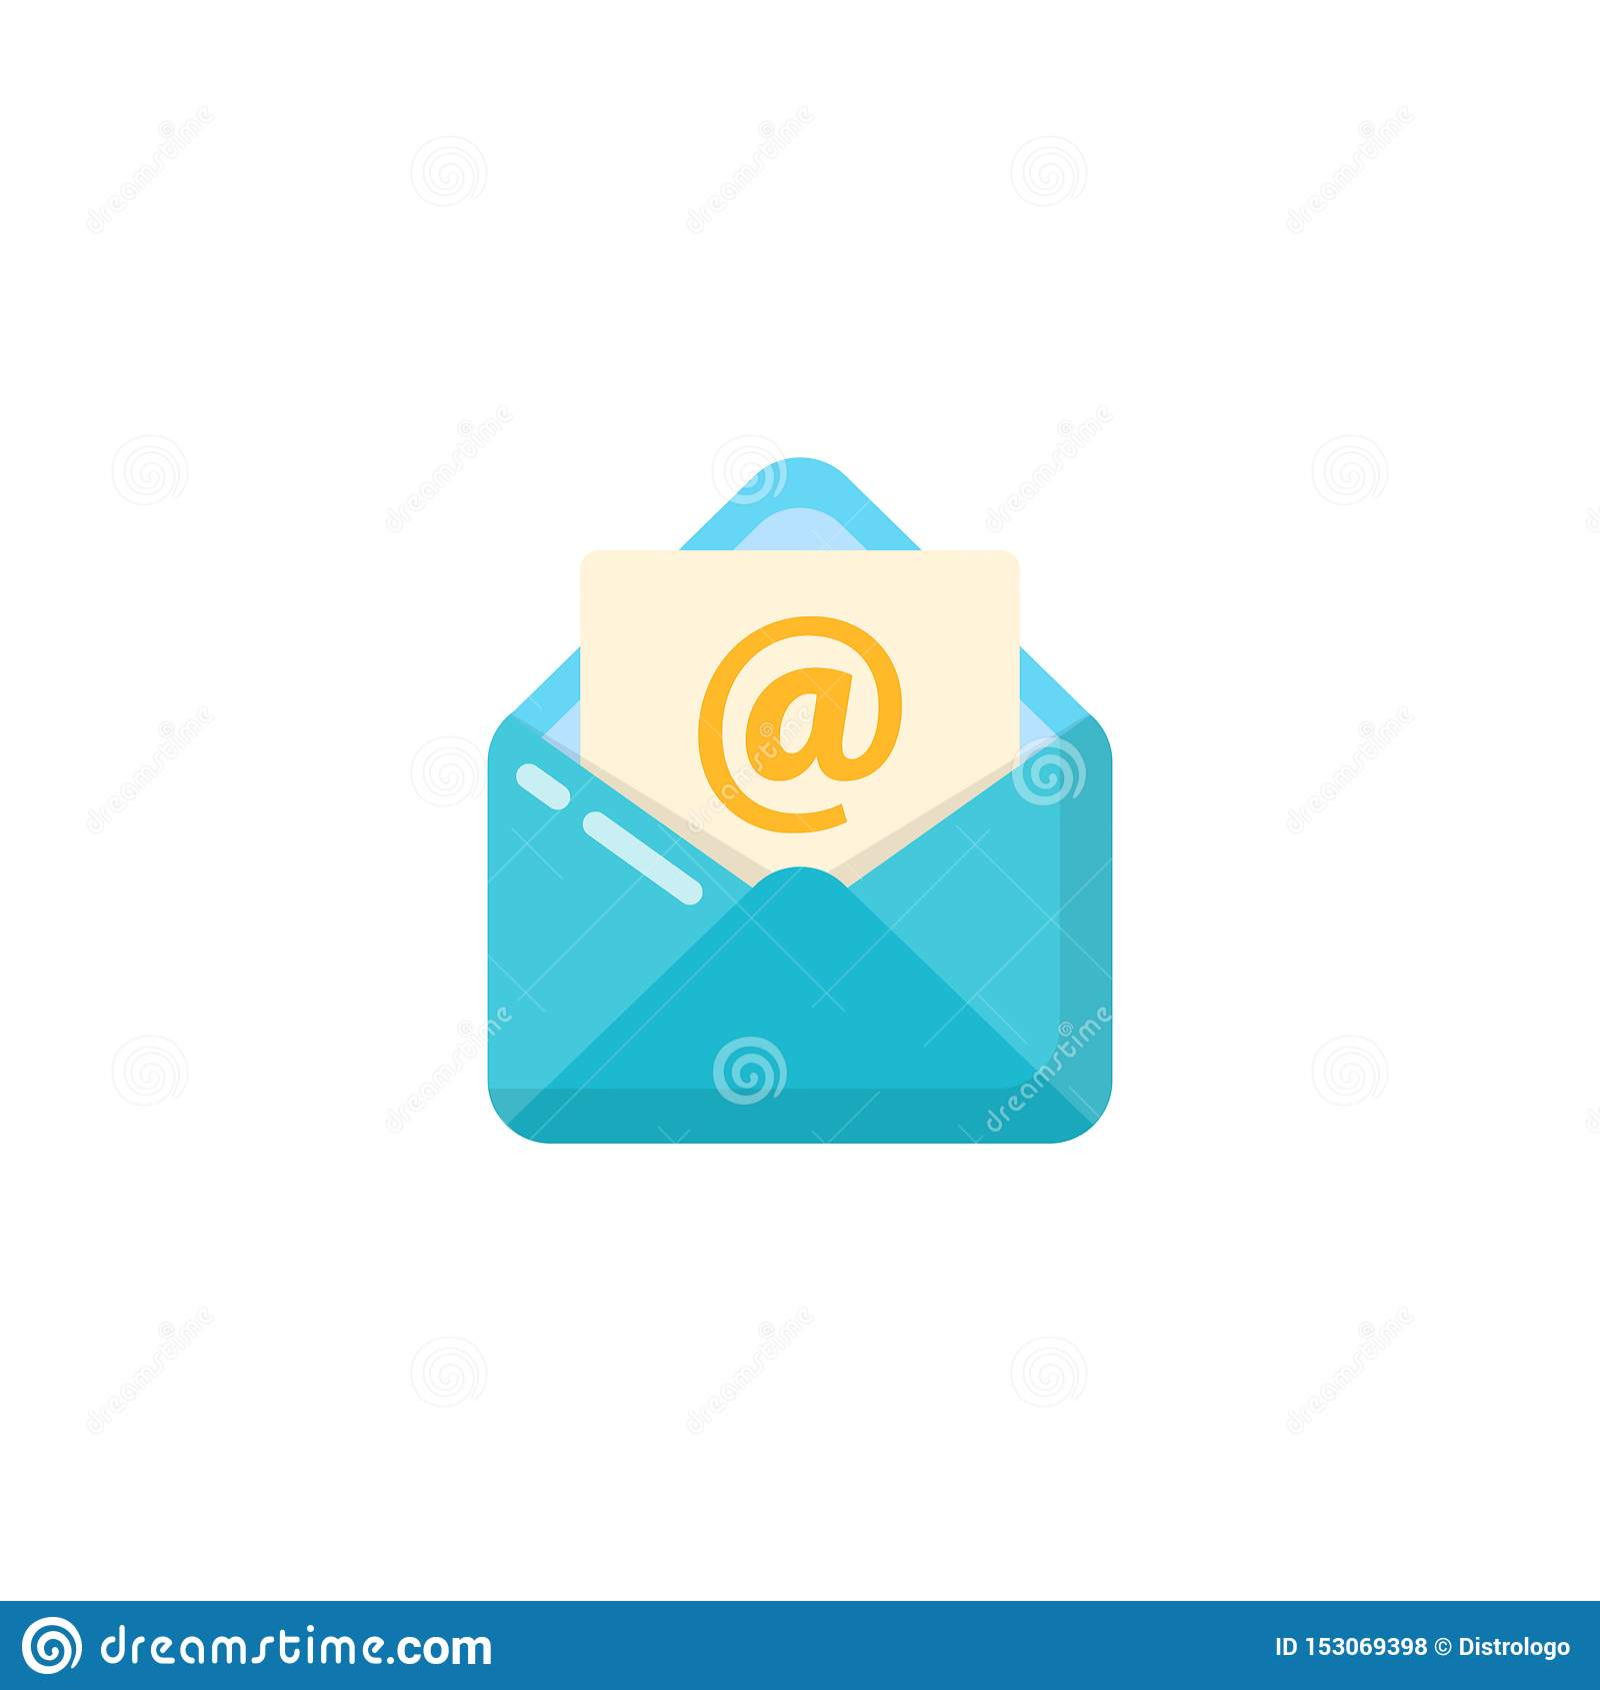 Rozpieczętowany koperty i dokumentu ikony wektorowy projekt rozpieczętowany poczty ikony projekt